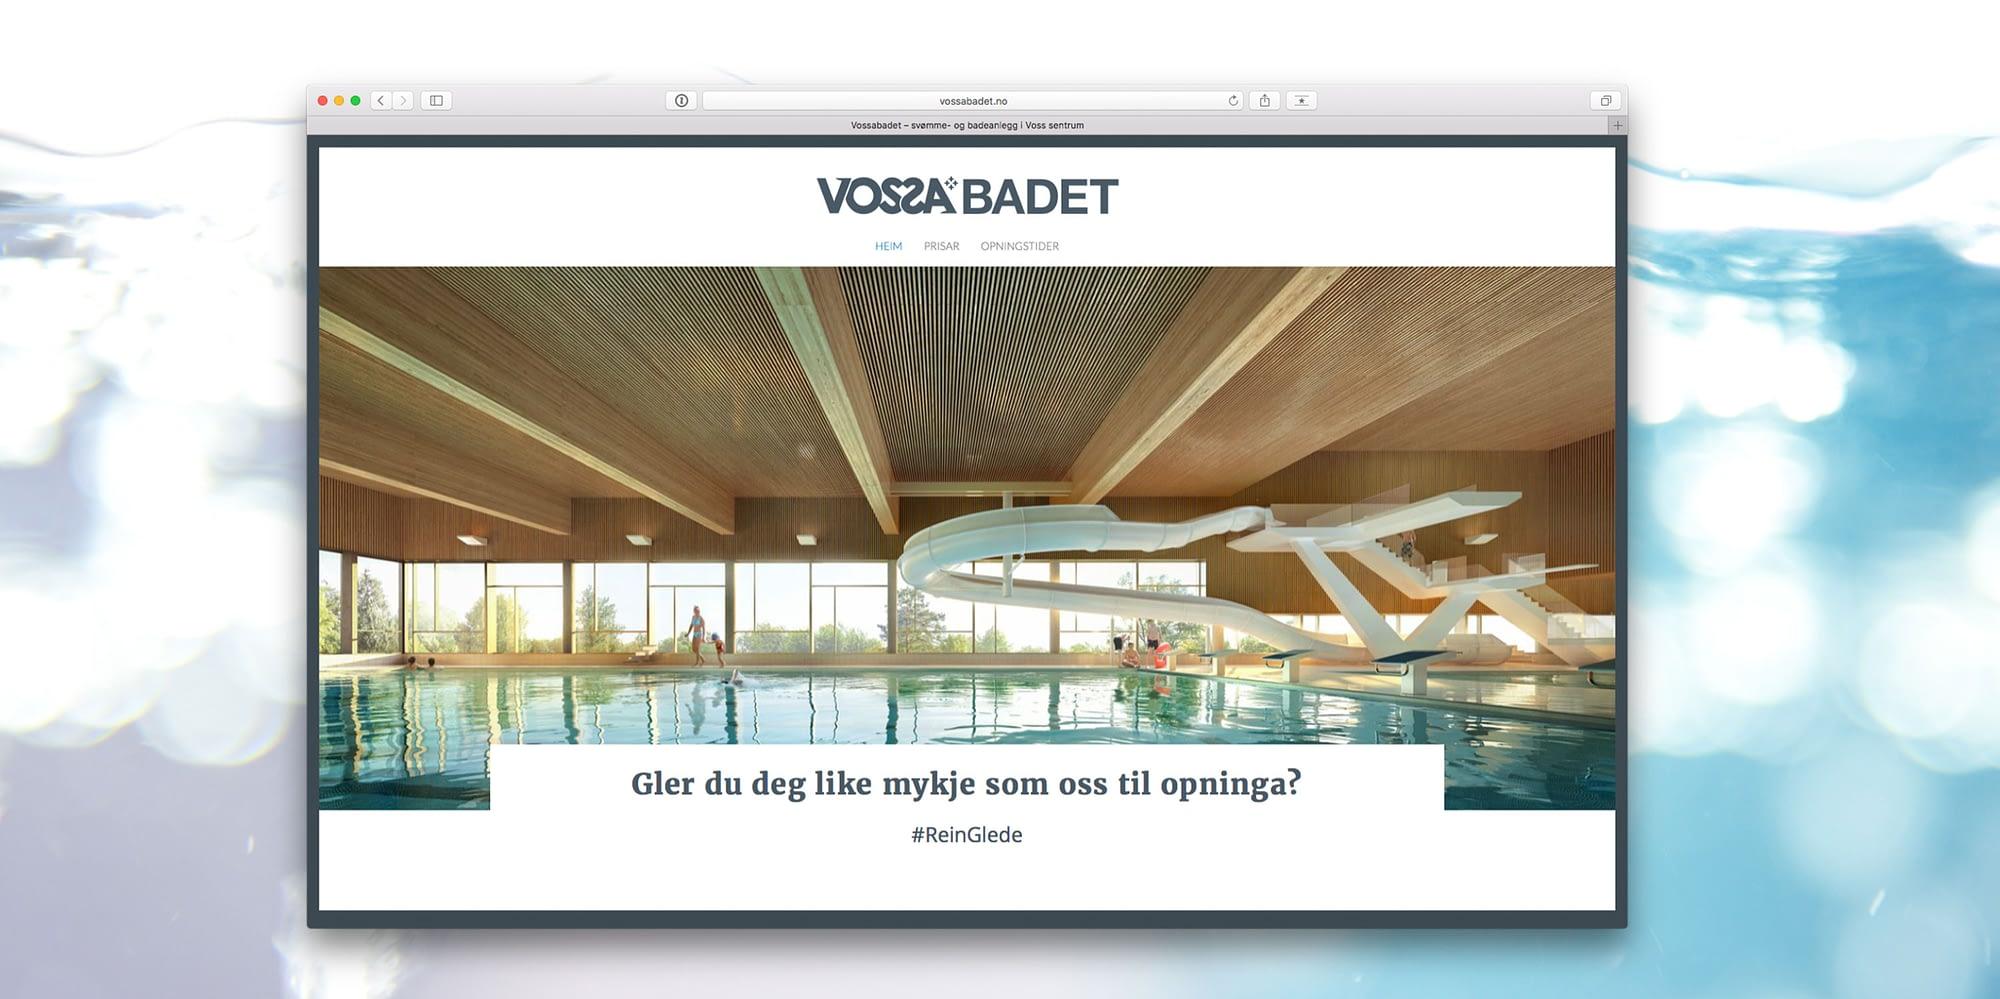 Nettsidedesign og hjemmesidedesign for nettsiden til Voss av designbyrå på Voss